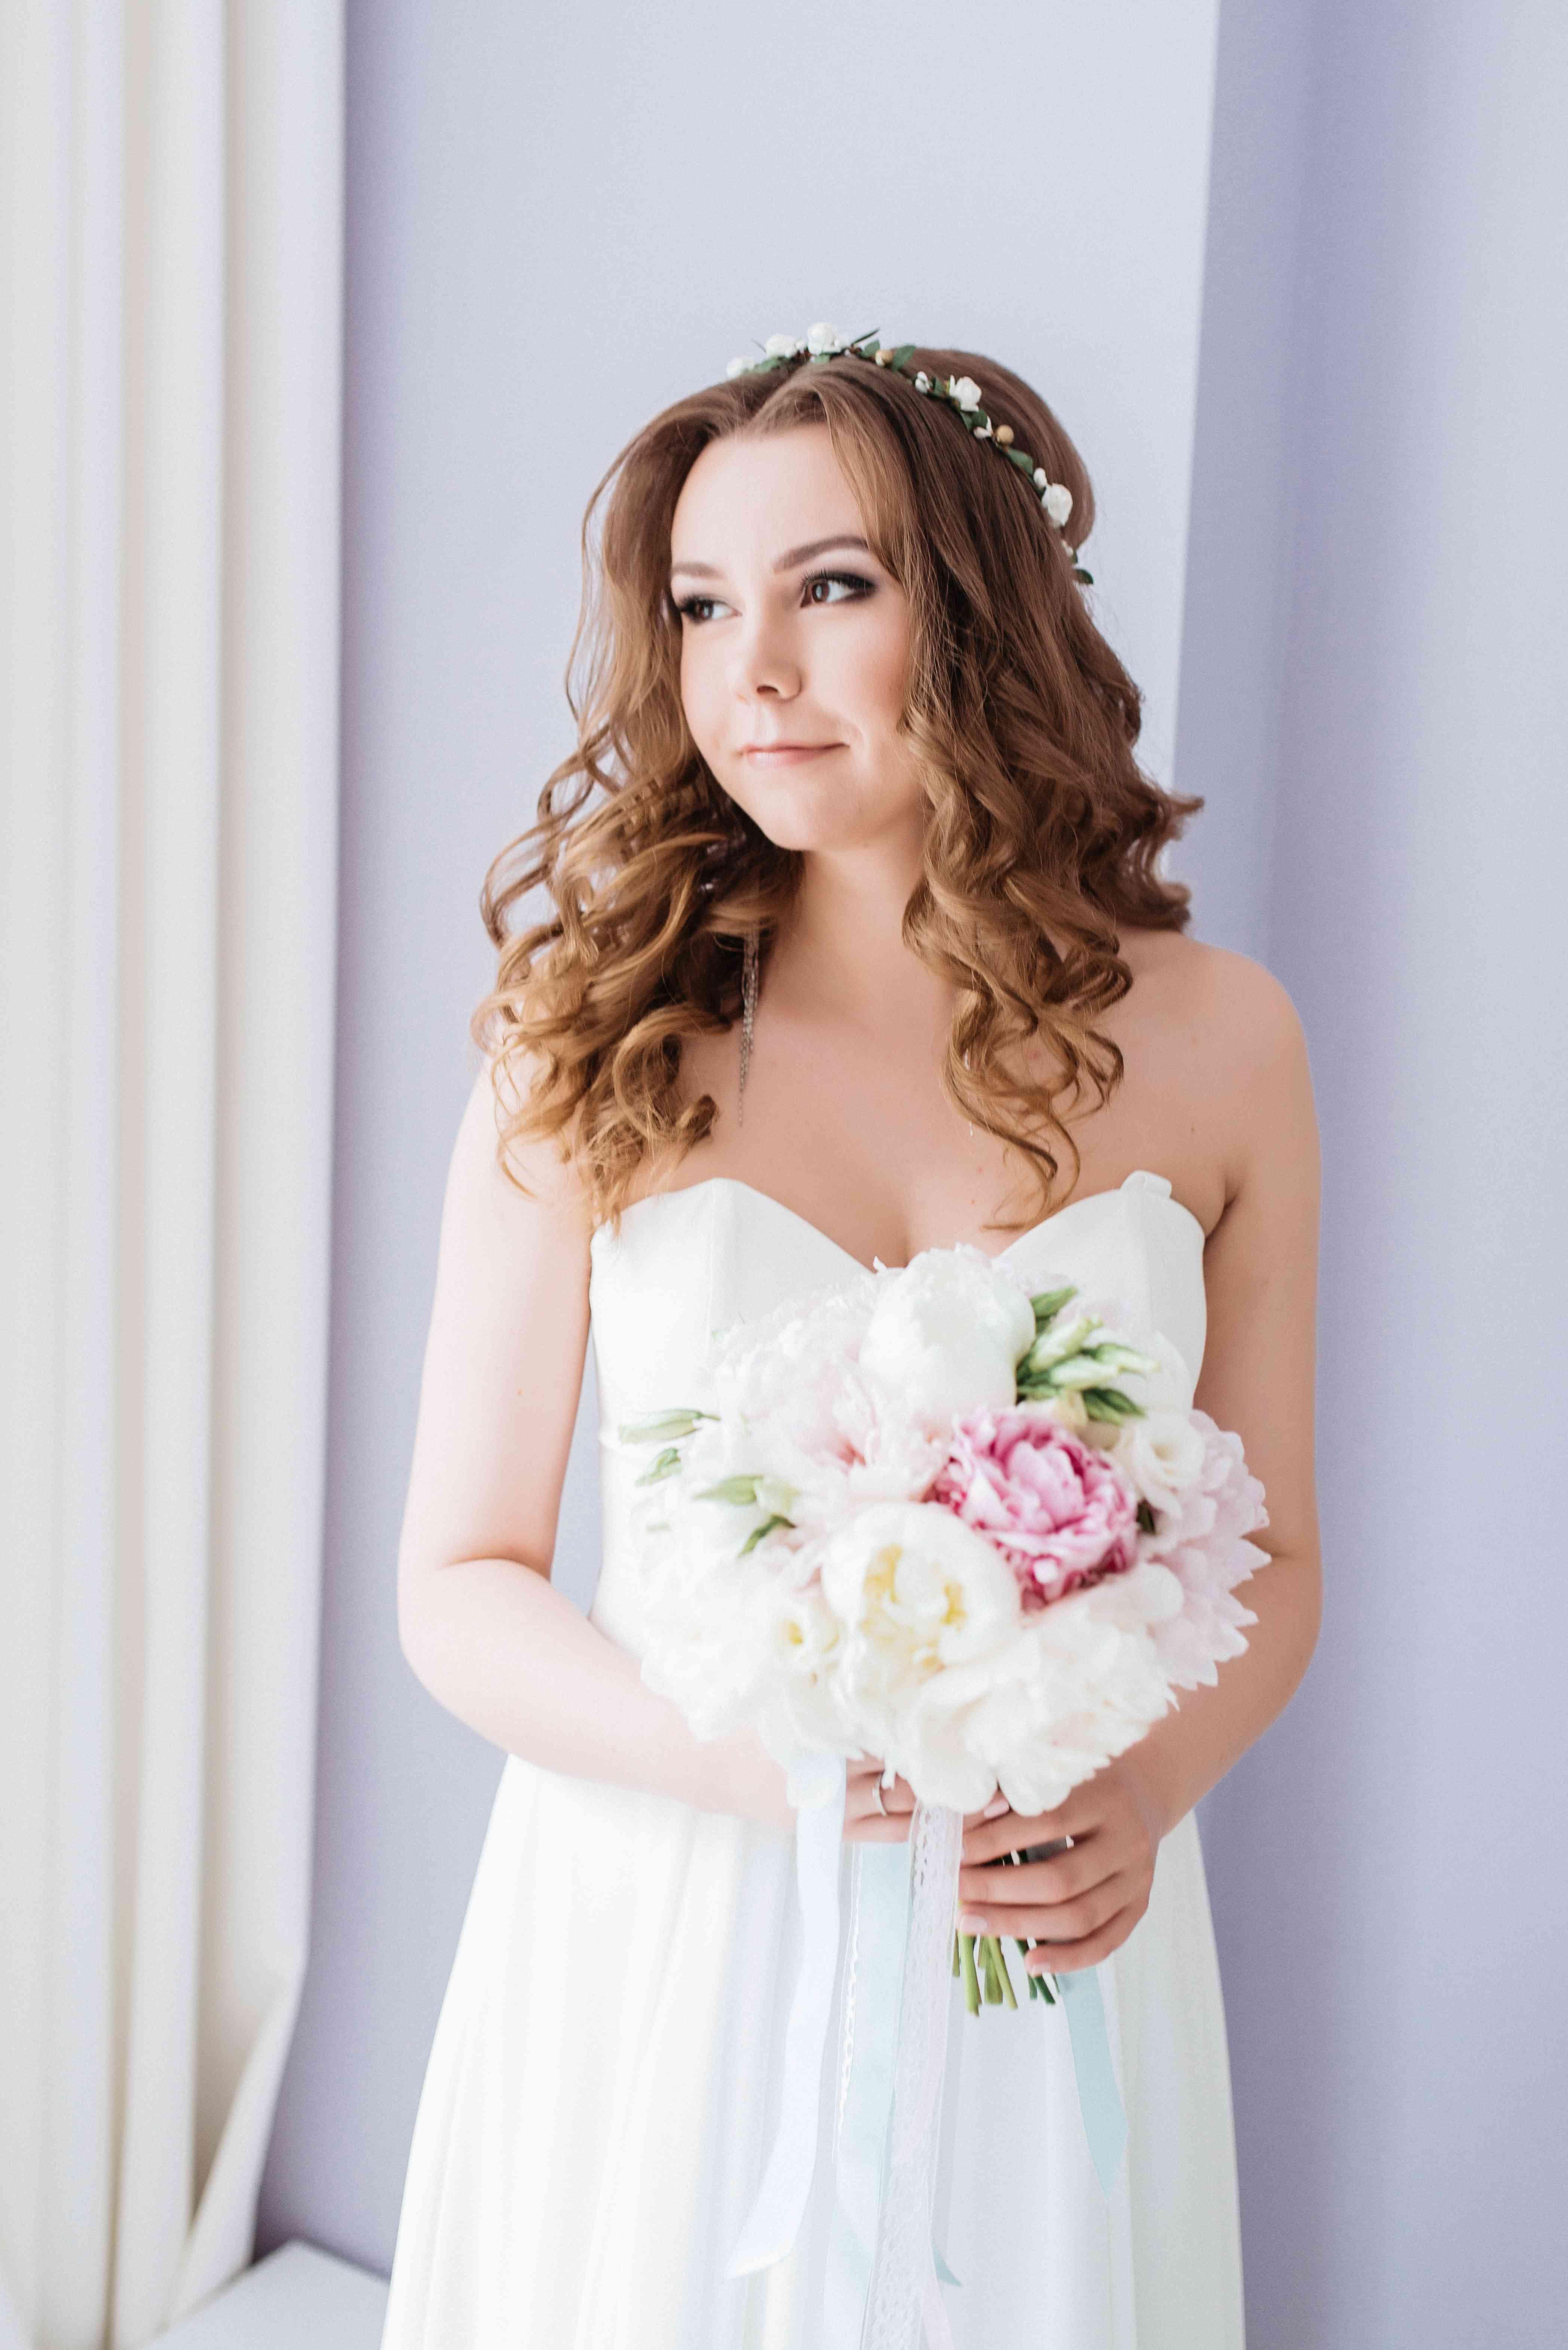 нежный образ невесты, букет, пионы